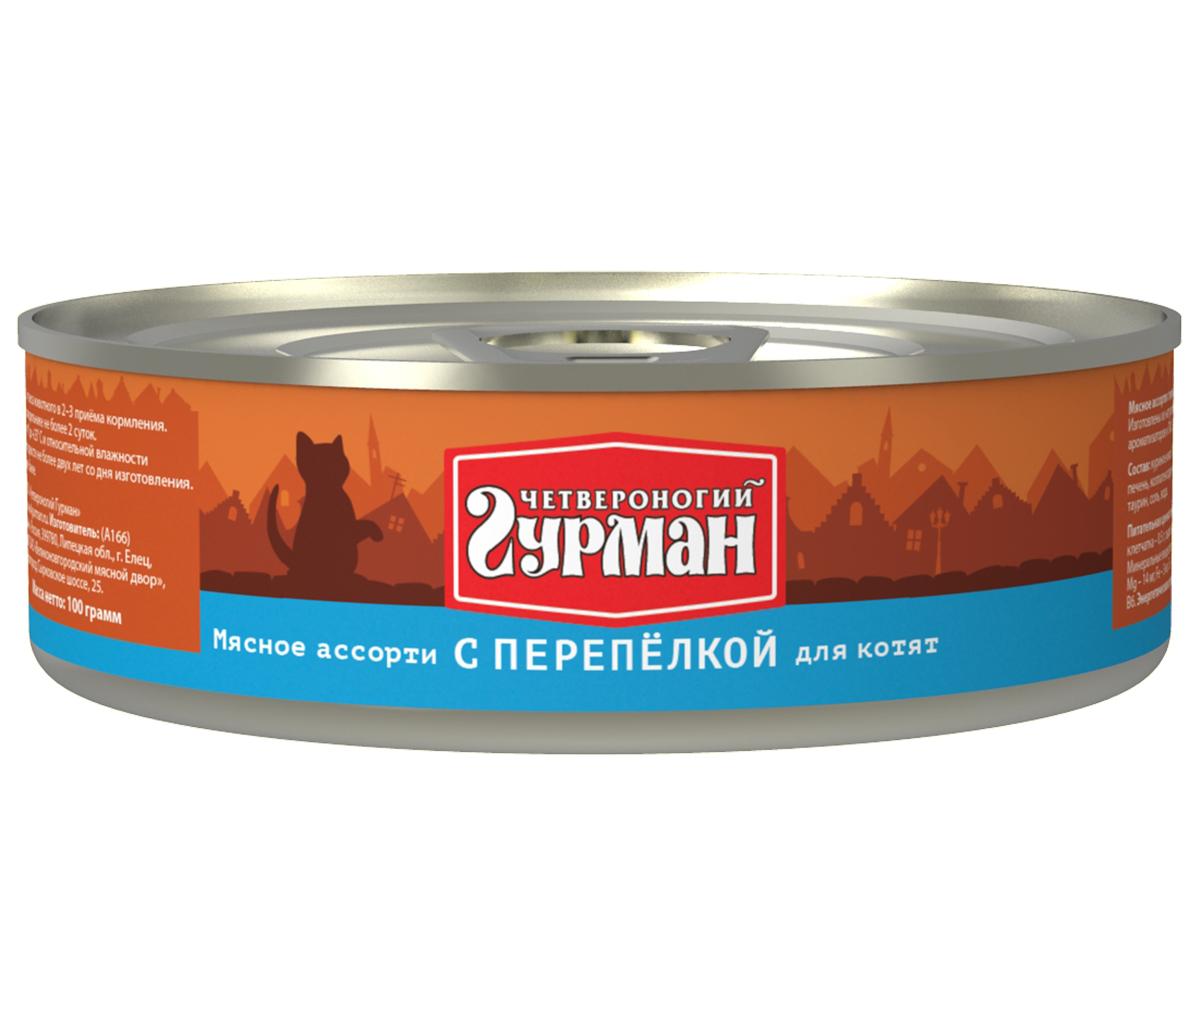 Консервы для котят Четвероногий гурман Мясное ассорти, с перепелкой, 100 г